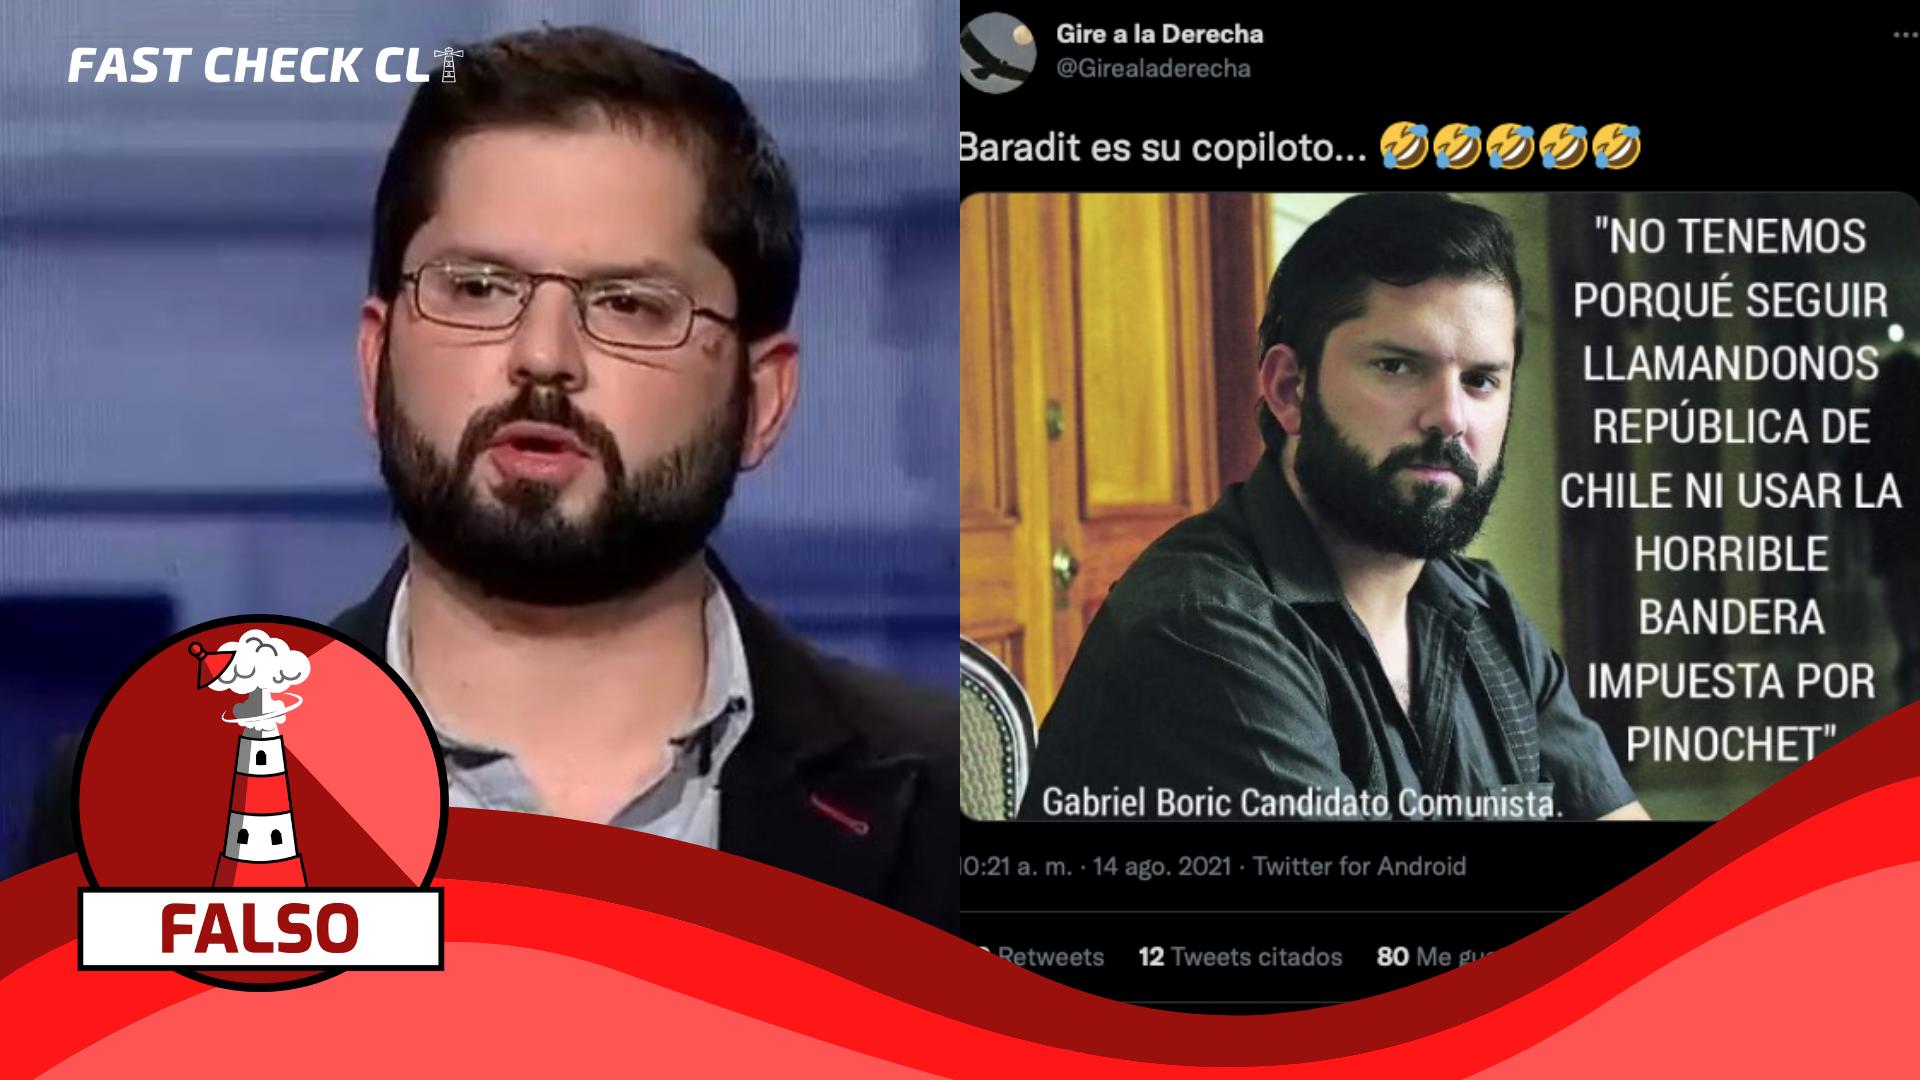 """Read more about the article (Imagen) Gabriel Boric: """"No tenemos porqué seguir llamándonos República de Chile ni usar la horrible bandera impuesta por Pinochet"""": #Falso"""